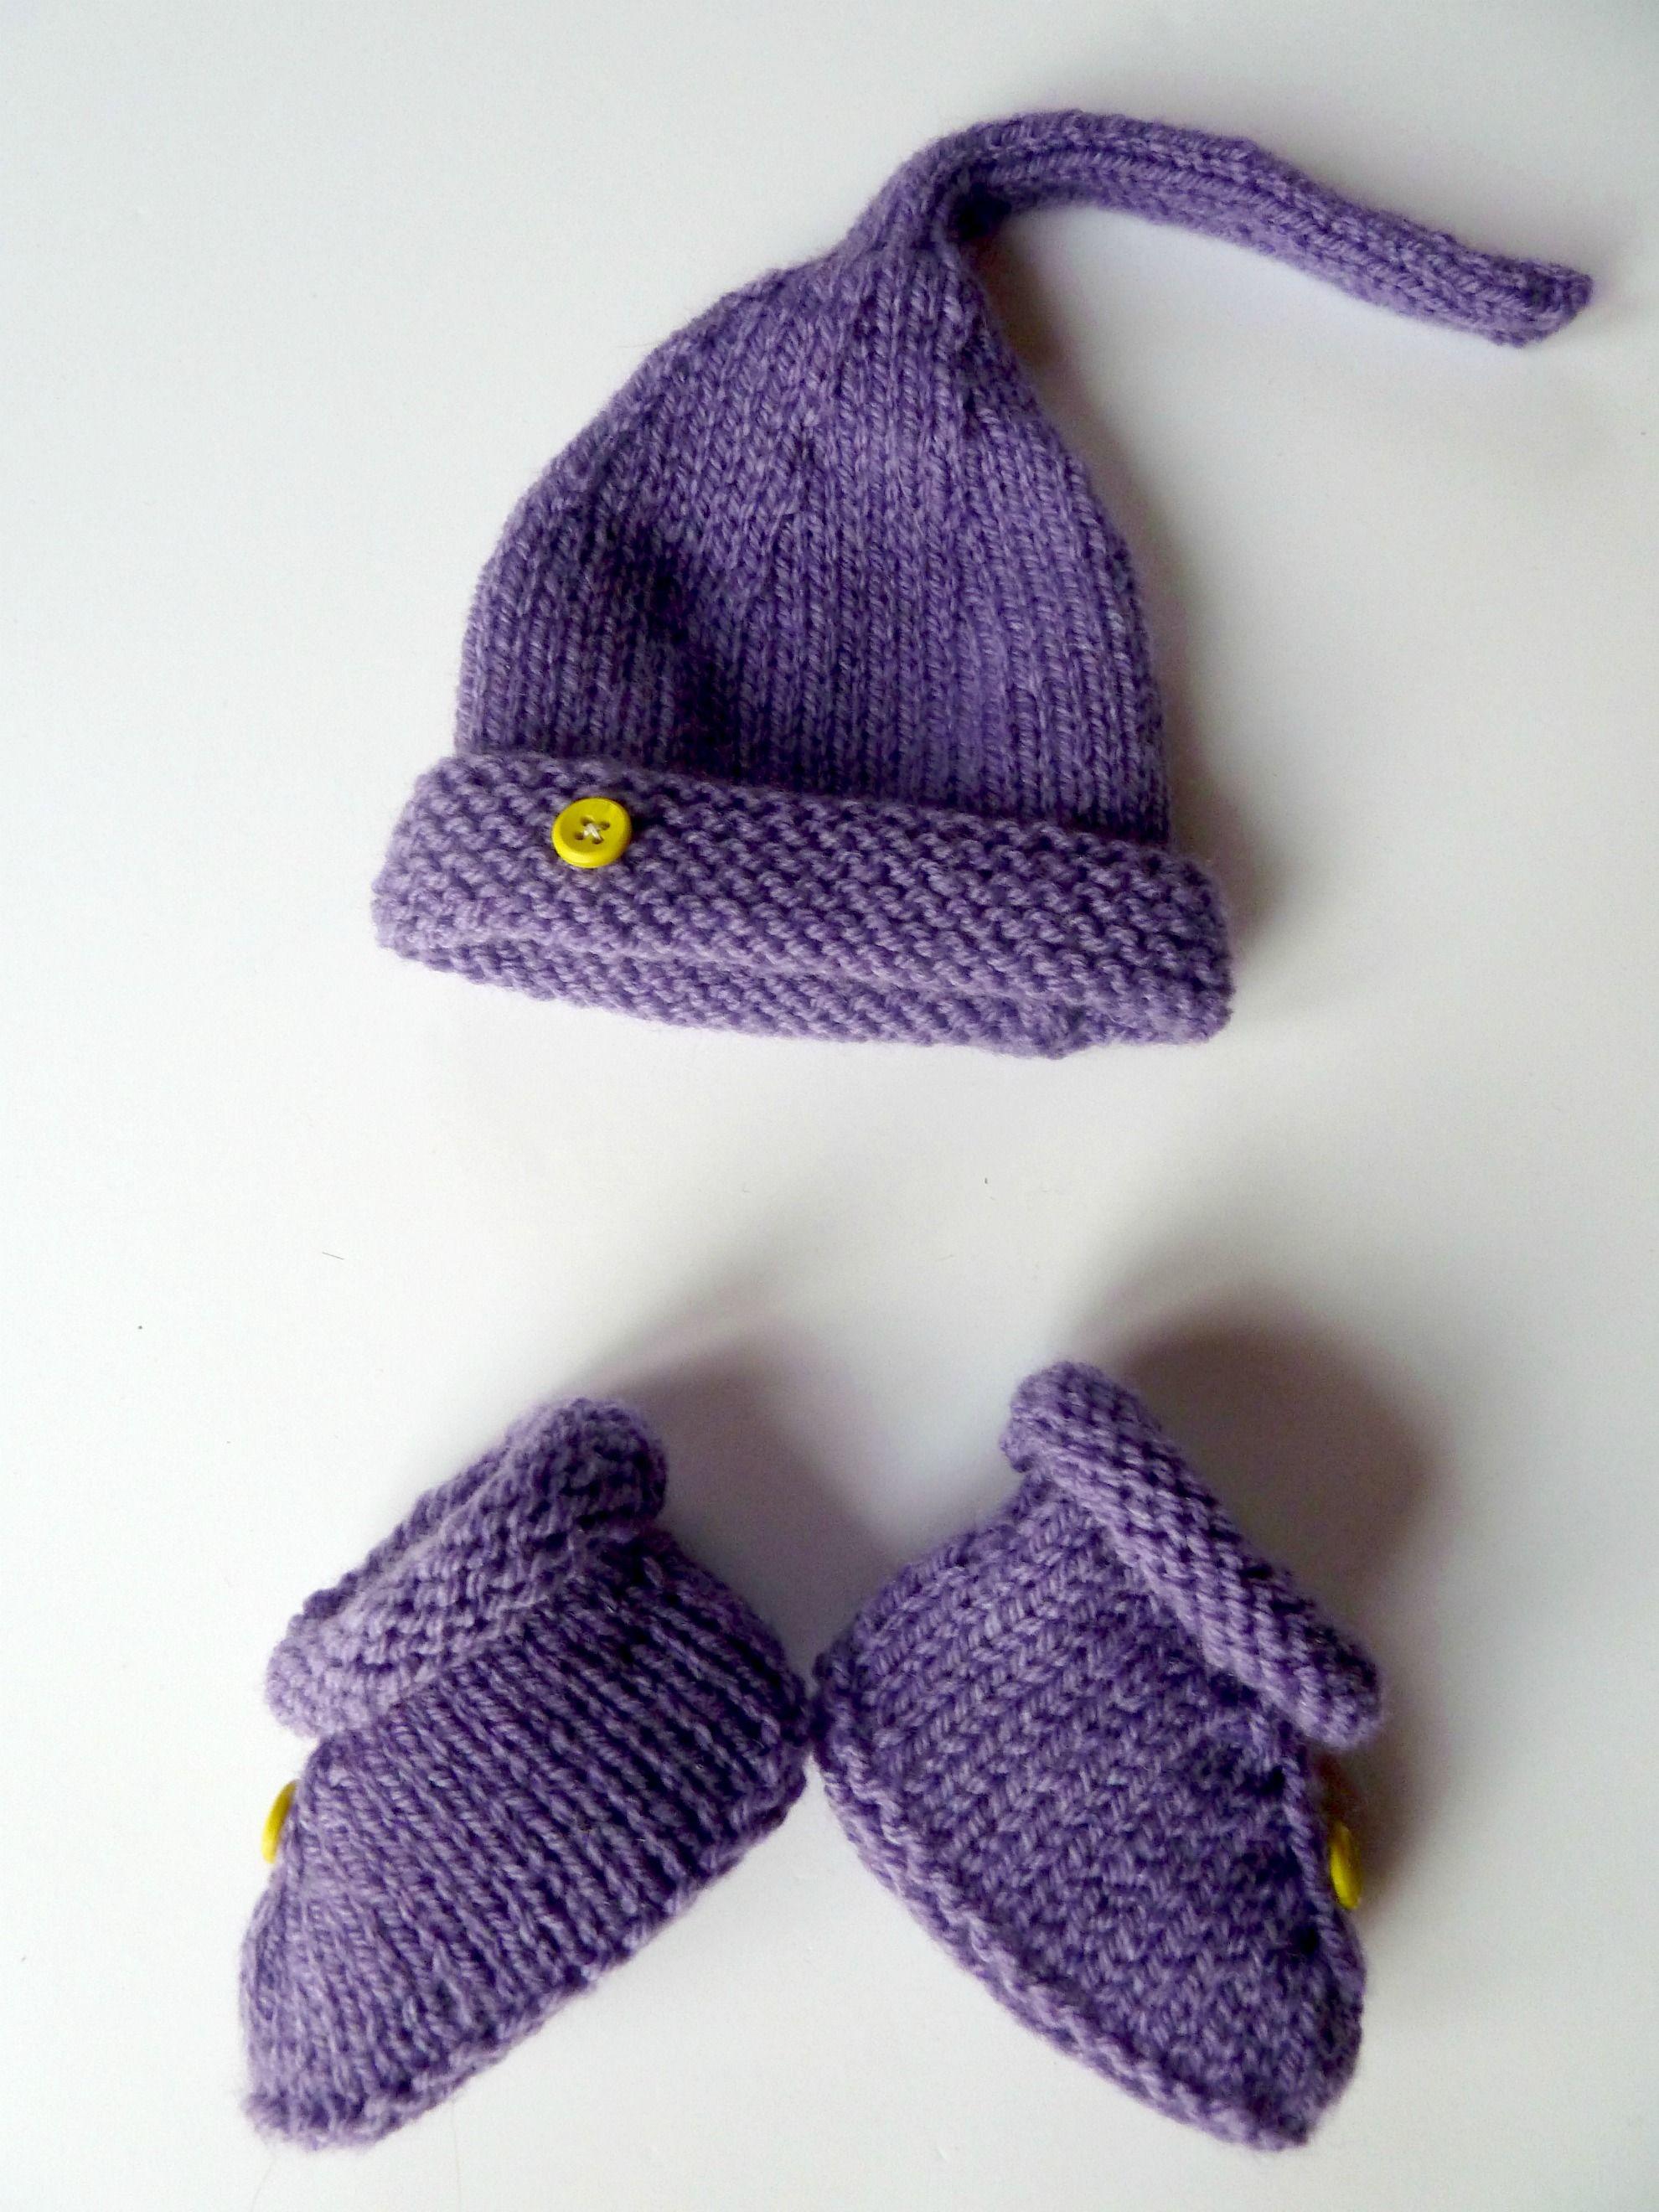 25 Violette est un ensemble Bonnet et Chaussons réalisé en tricot tenant  bien au chaud les petites extrémités de bébé. Idéal pour l hiver, l automne  et le ... b4917a2ae3f